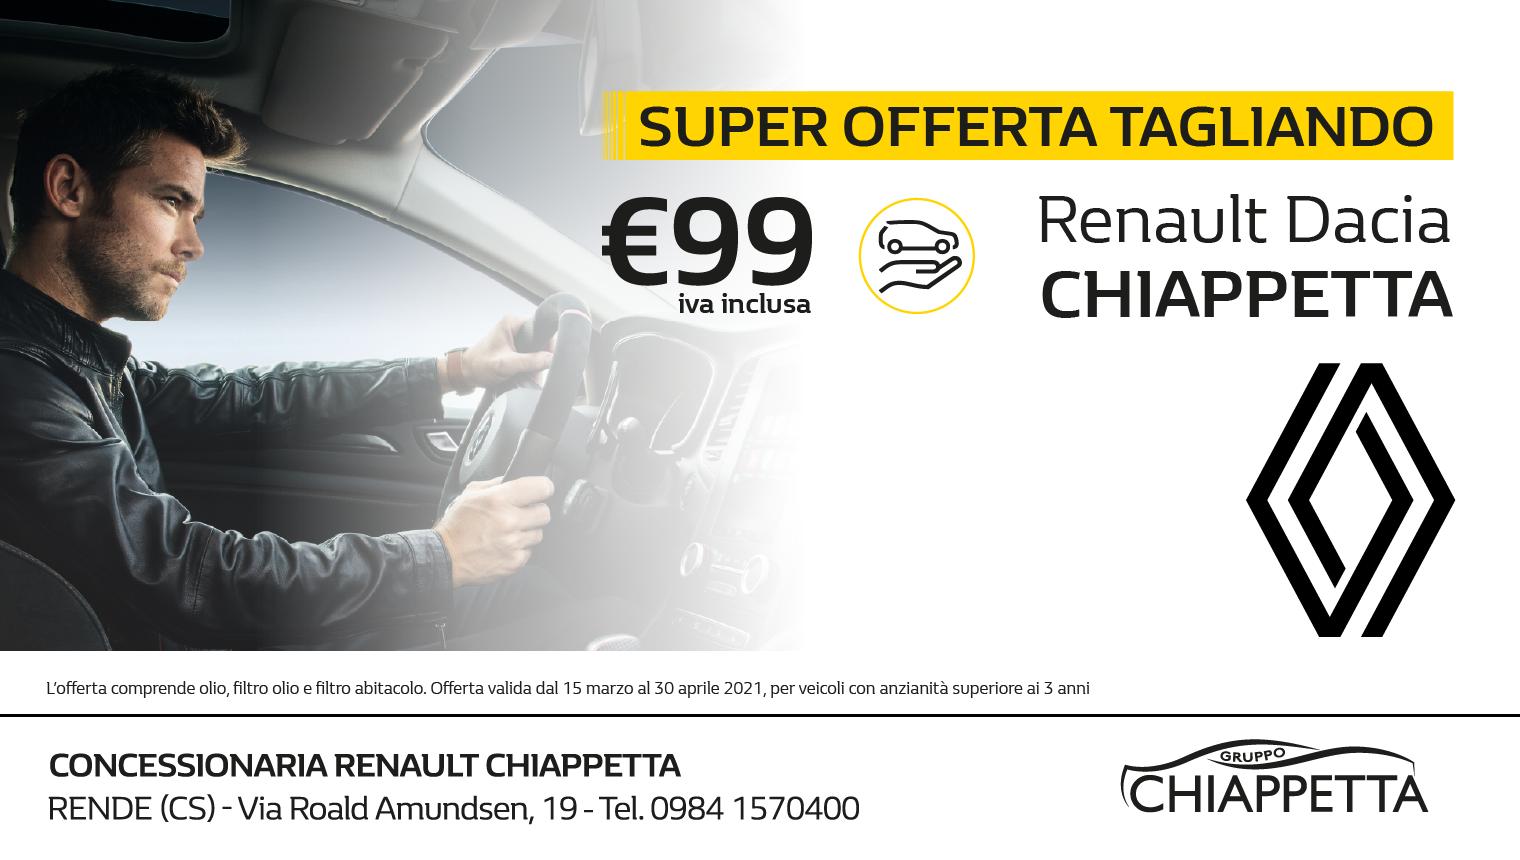 Super Offerta Tagliando Renault Dacia Chiappetta